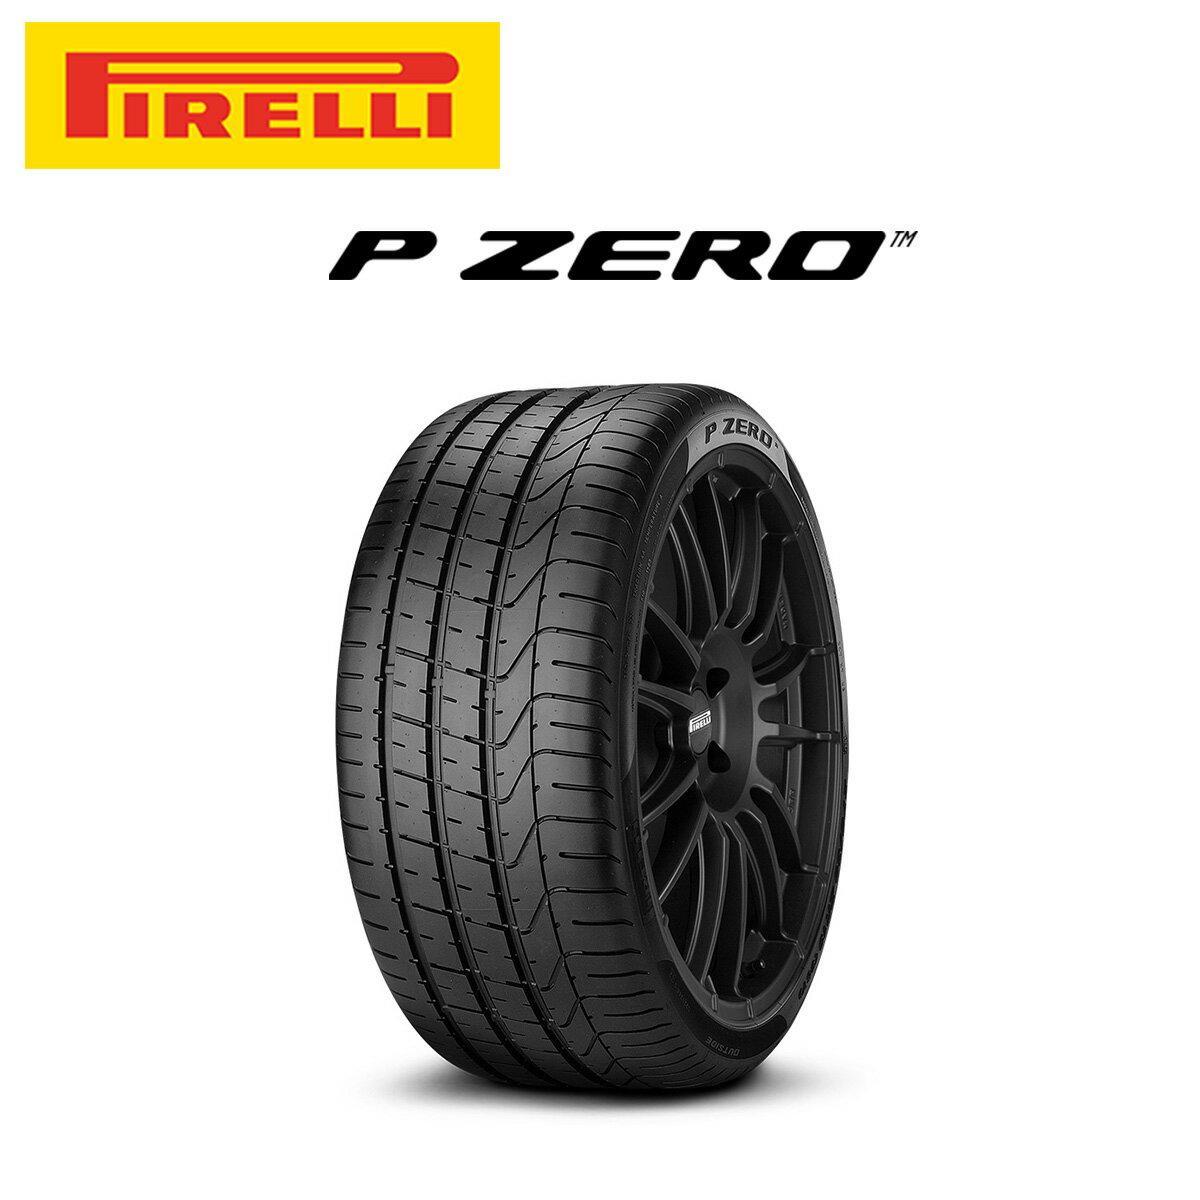 ピレリ PIRELLI P ZERO ピーゼロ 19インチ サマー タイヤ 4本 セット 295/35ZR19 104Y XL ★:BMW MINI承認タイヤ 2039100